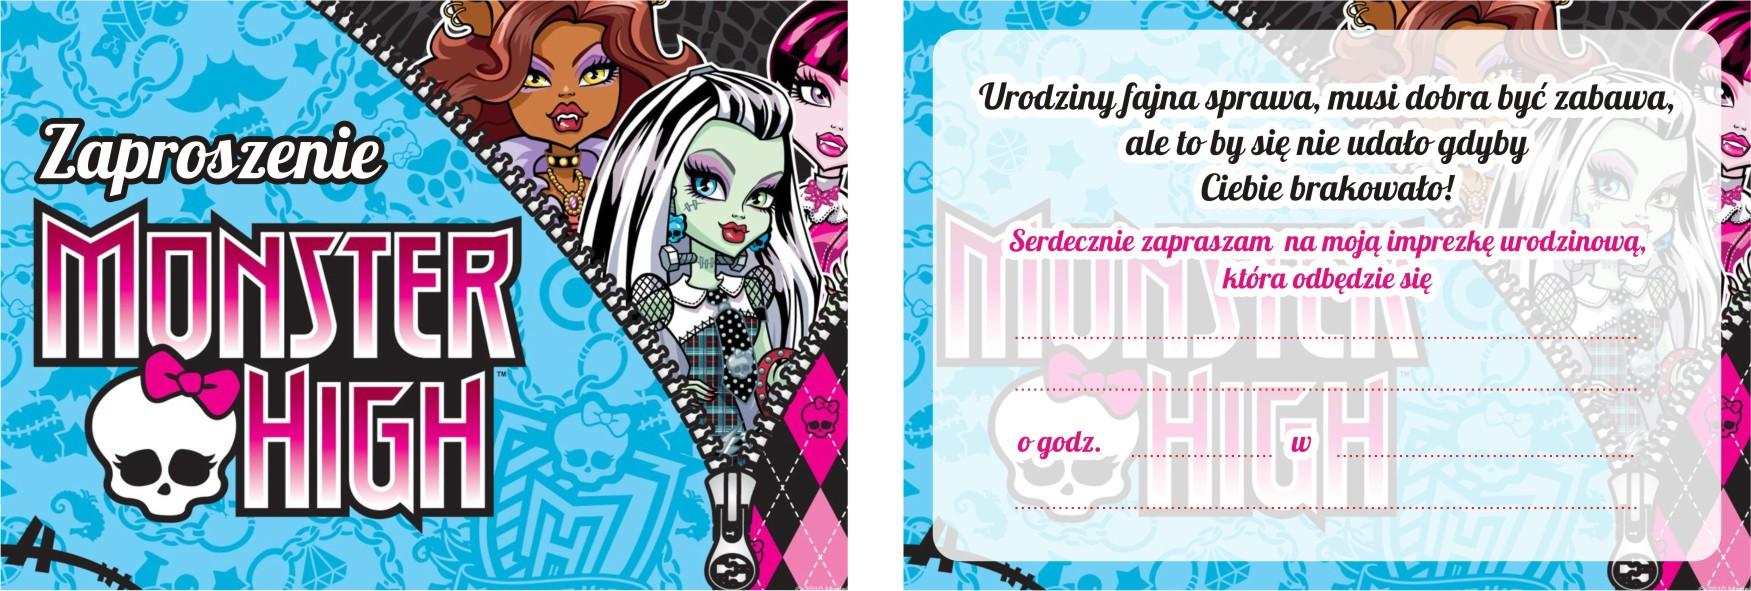 Zaproszenia Urodzinowe Dla Dzieci Monster High 7531691665 Allegropl